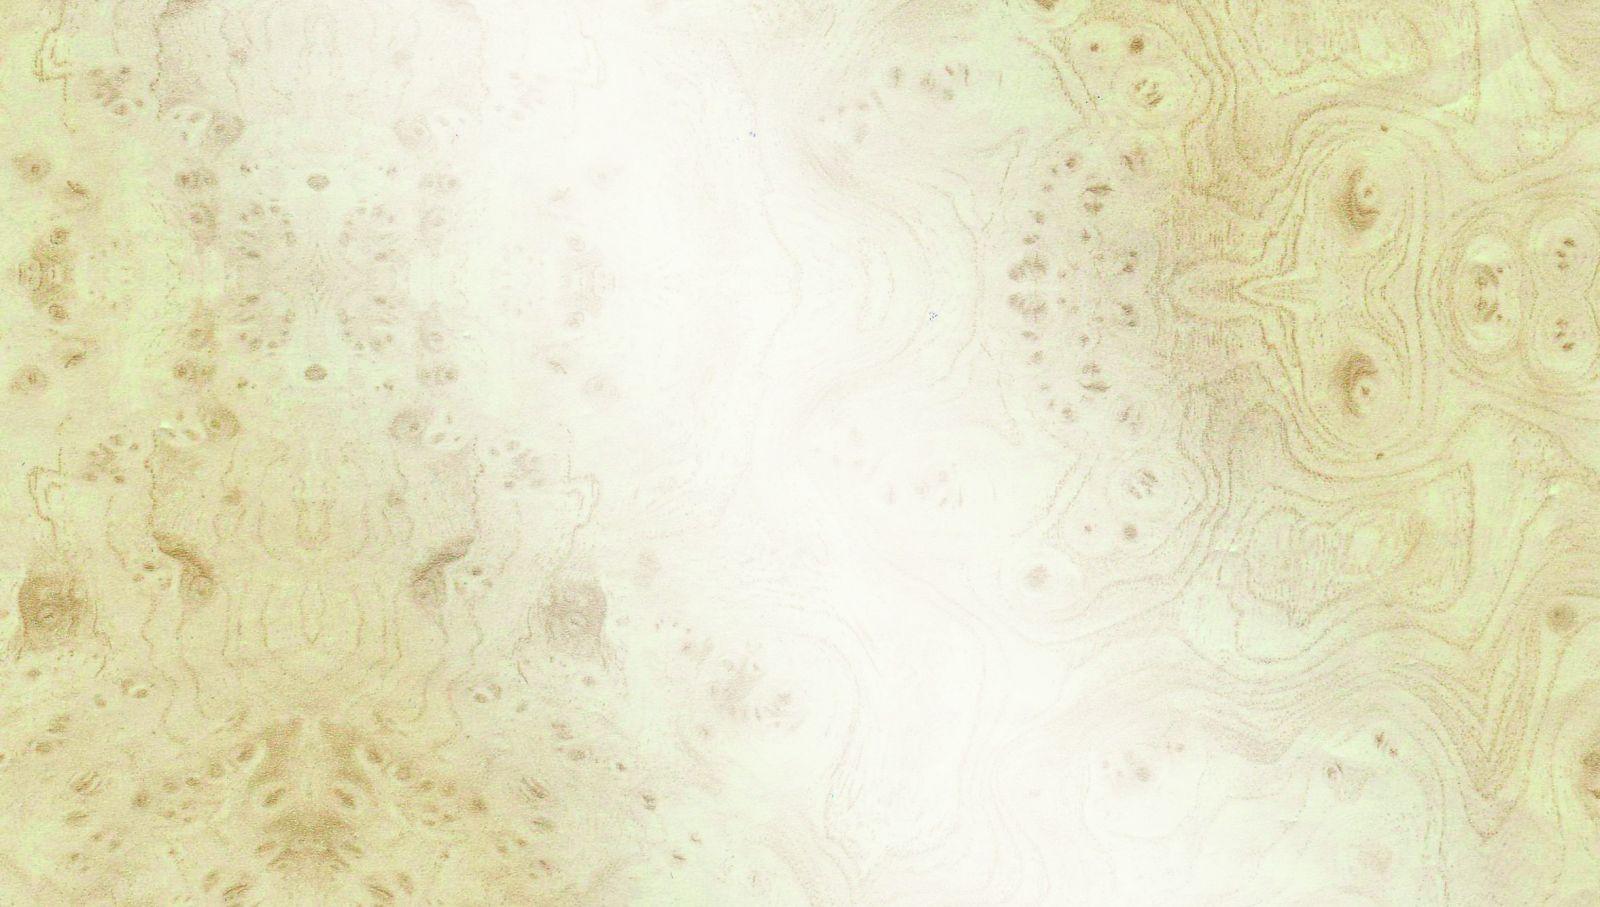 ДСП (пино, лак) художественная печать, патина